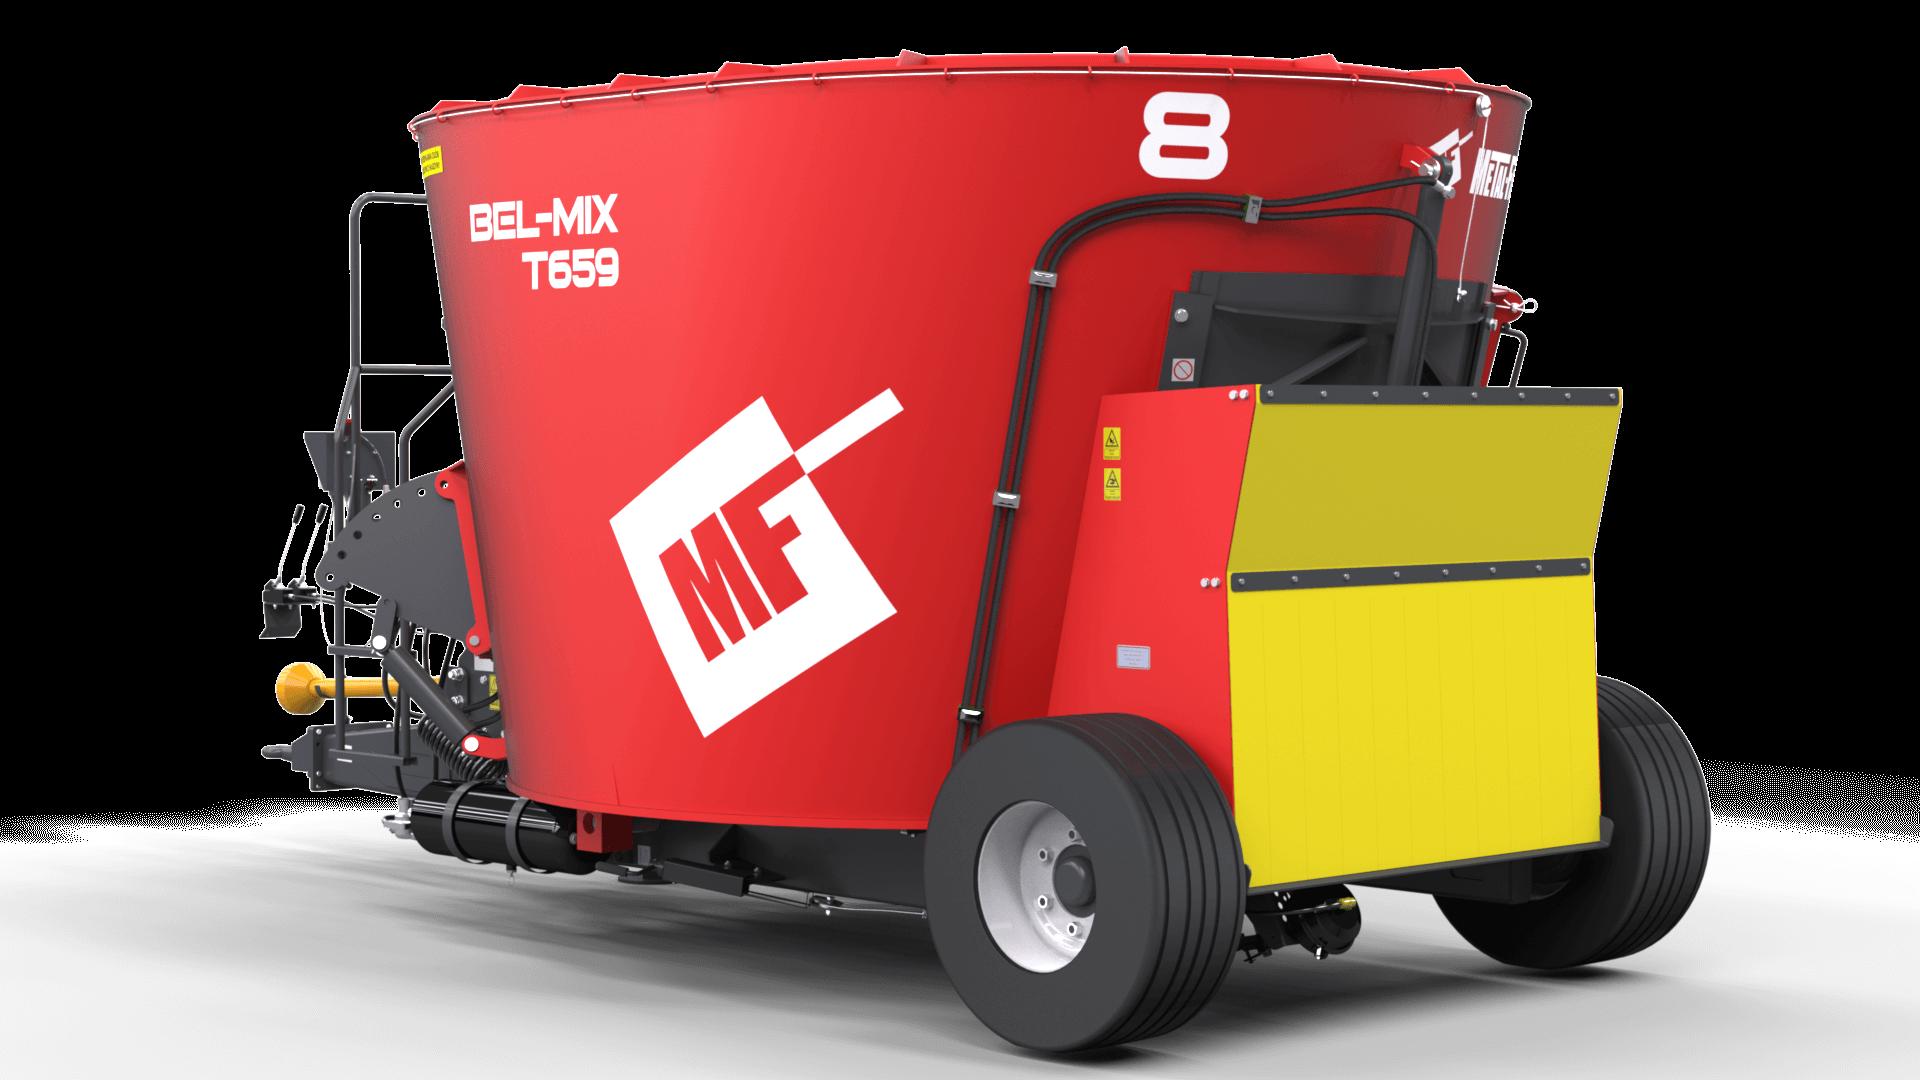 Wóz paszowy jednowirnikowy T659 BEL-MIX obniżony tył Metal-Fach